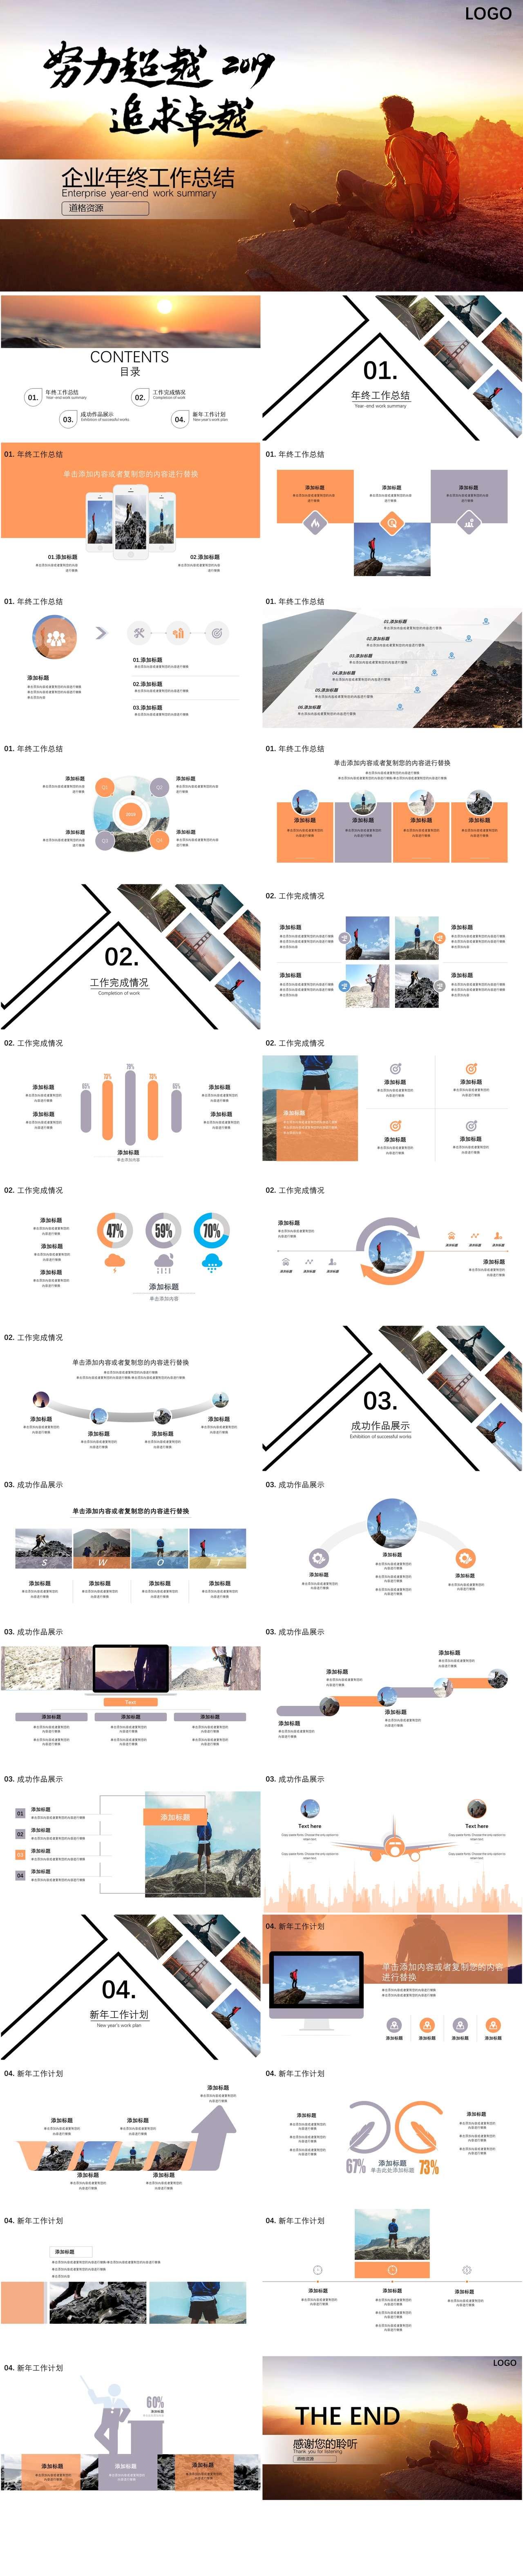 橙紫色商务风努力超越追求卓越企业年终工作总结新年计划PPT模板插图1